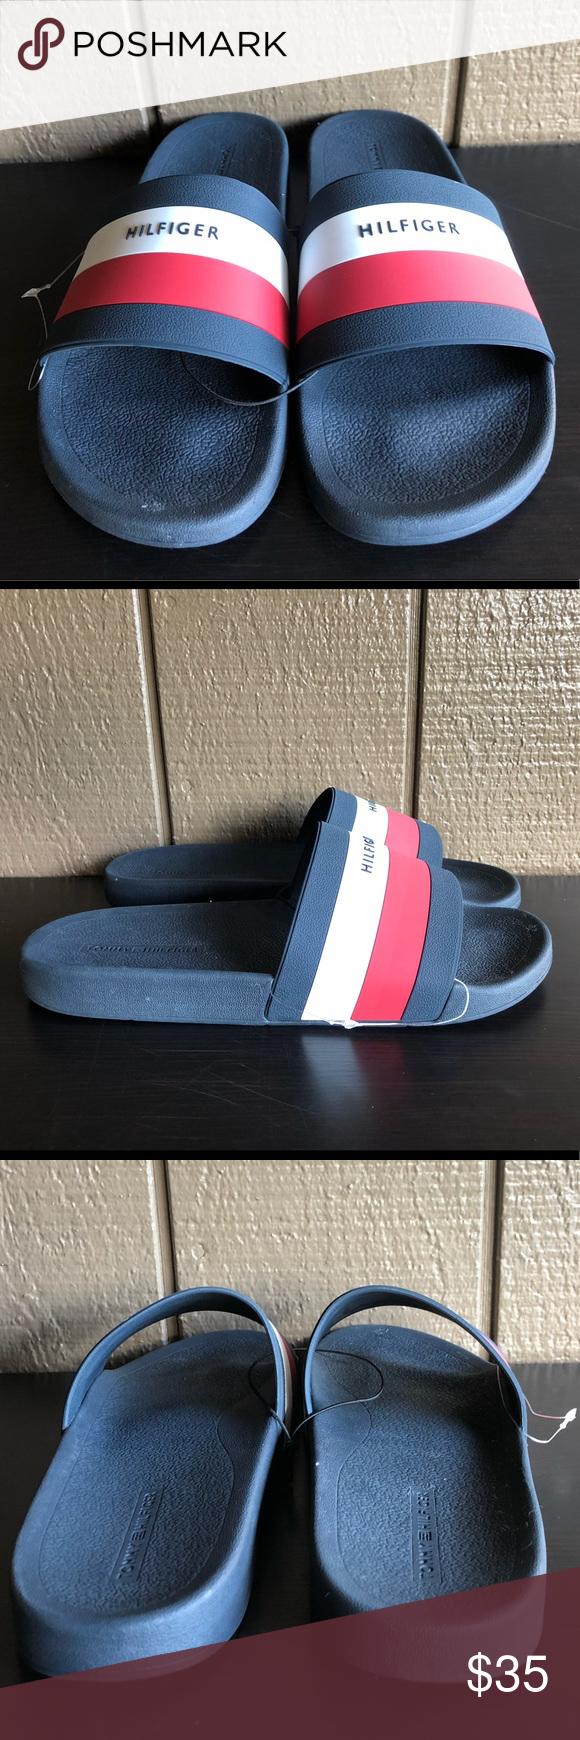 59f3b3f9db73dc Tommy Hilfiger Men s Sandals EARTHY Blue Red Tommy Hilfiger Men s Sandals  Slides EARTHY Block Logo